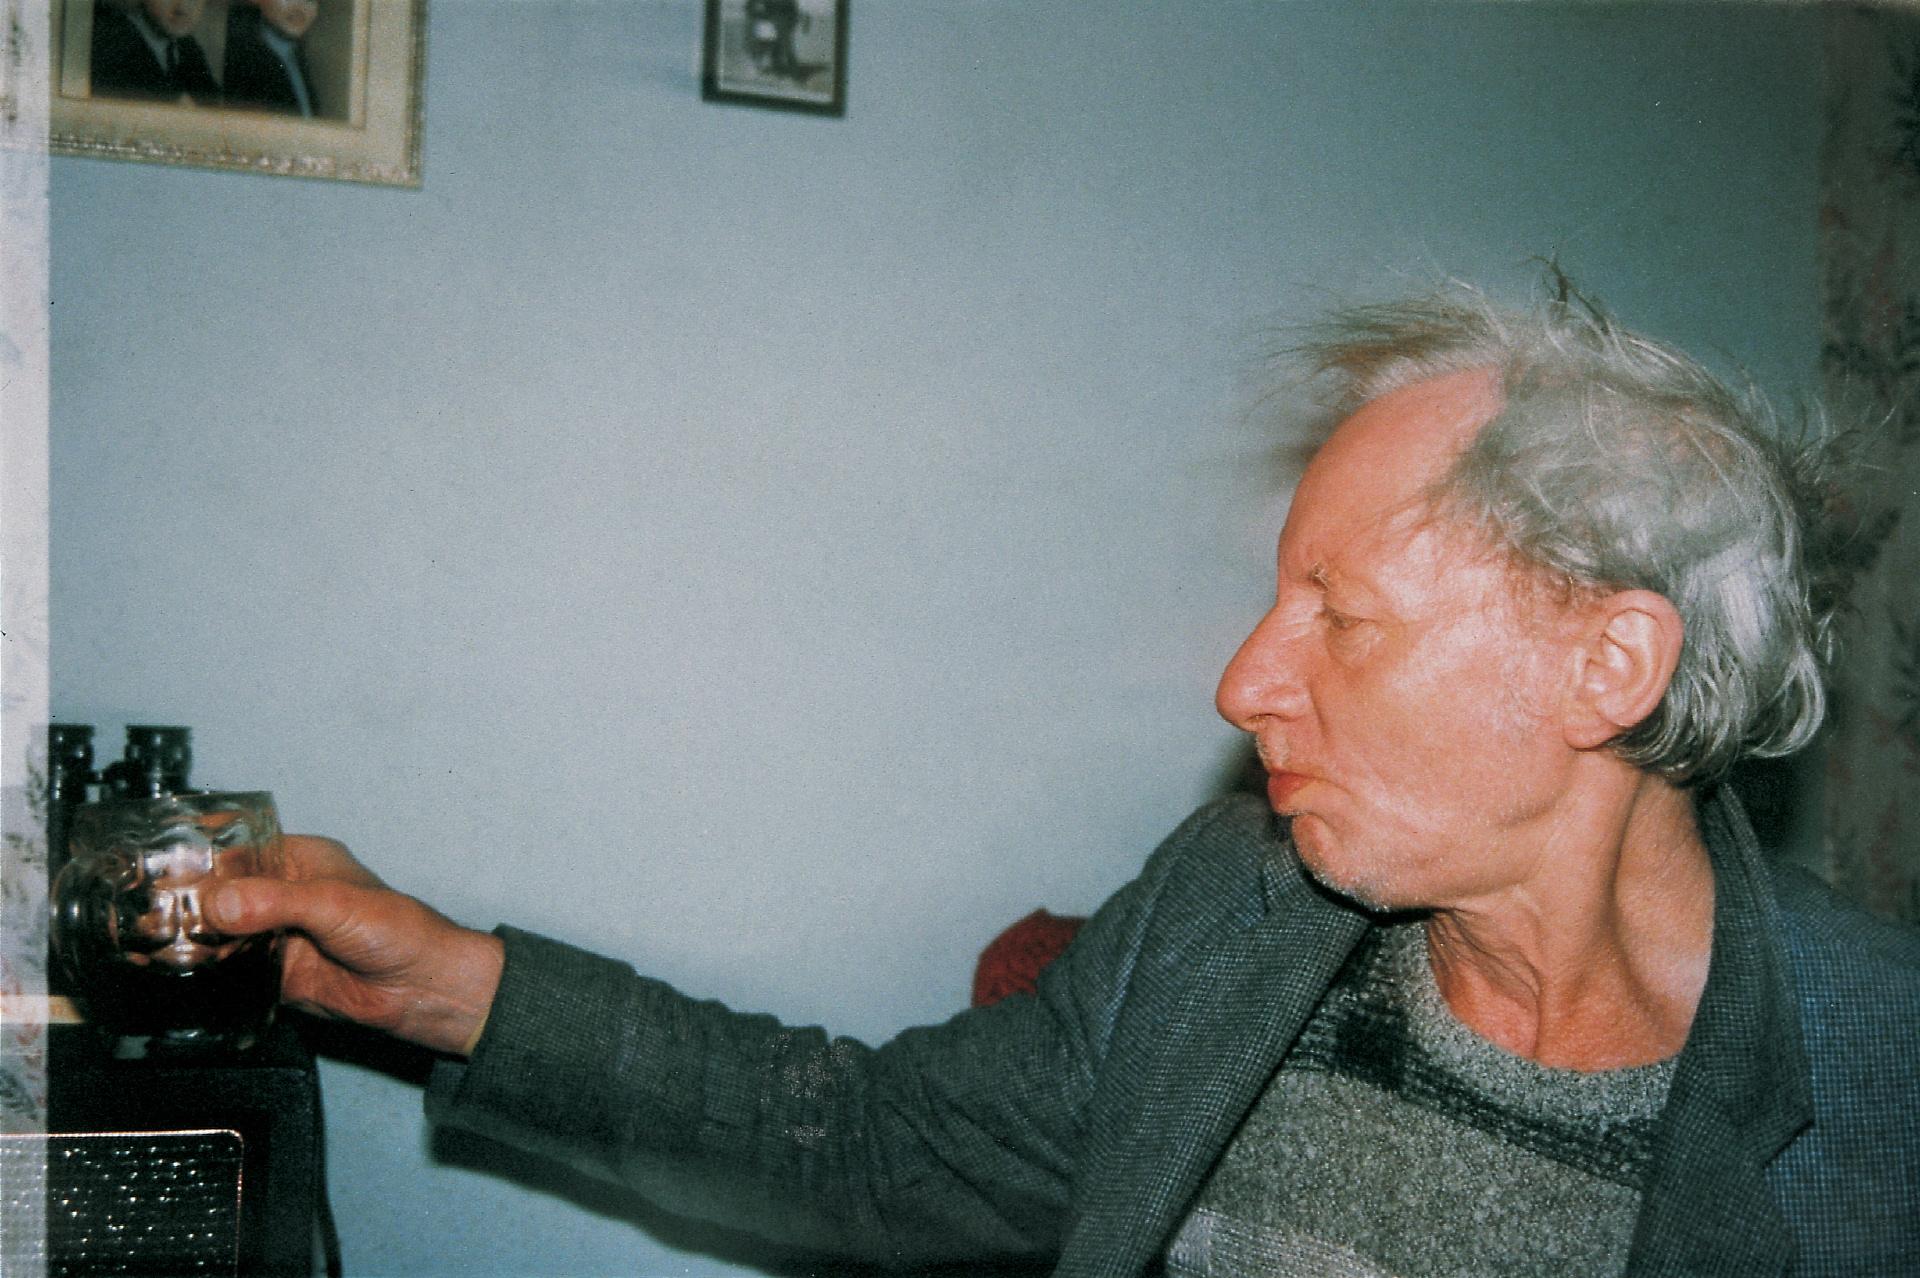 ричард биллингэм фото супер-качеству имею